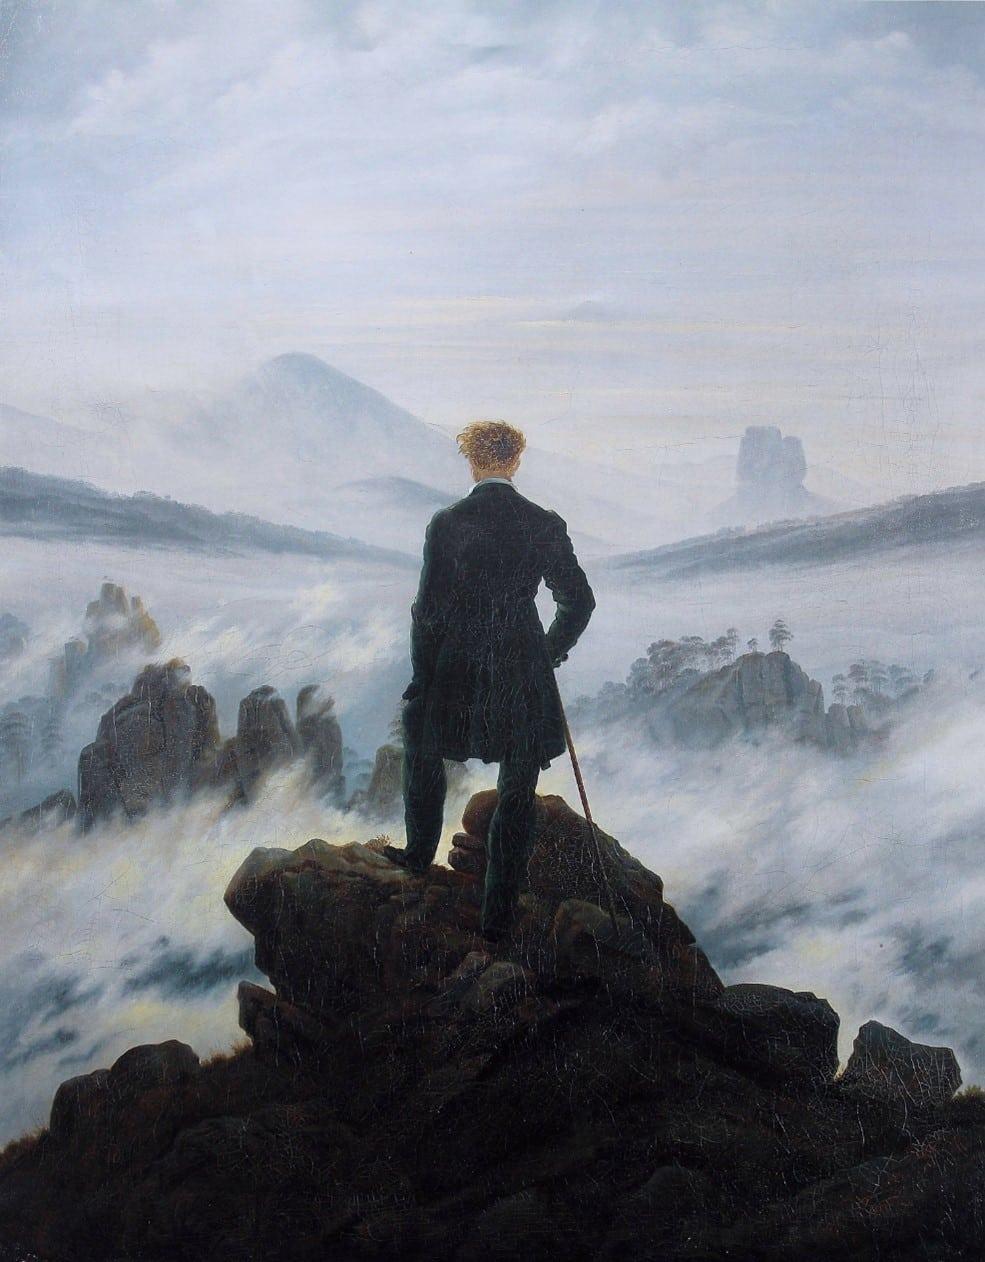 ドイツ・ロマン主義絵画の代表的画家、カスパー・ダビッド・フリードリヒの 『Der Wanderer über dem Nebelmeer』